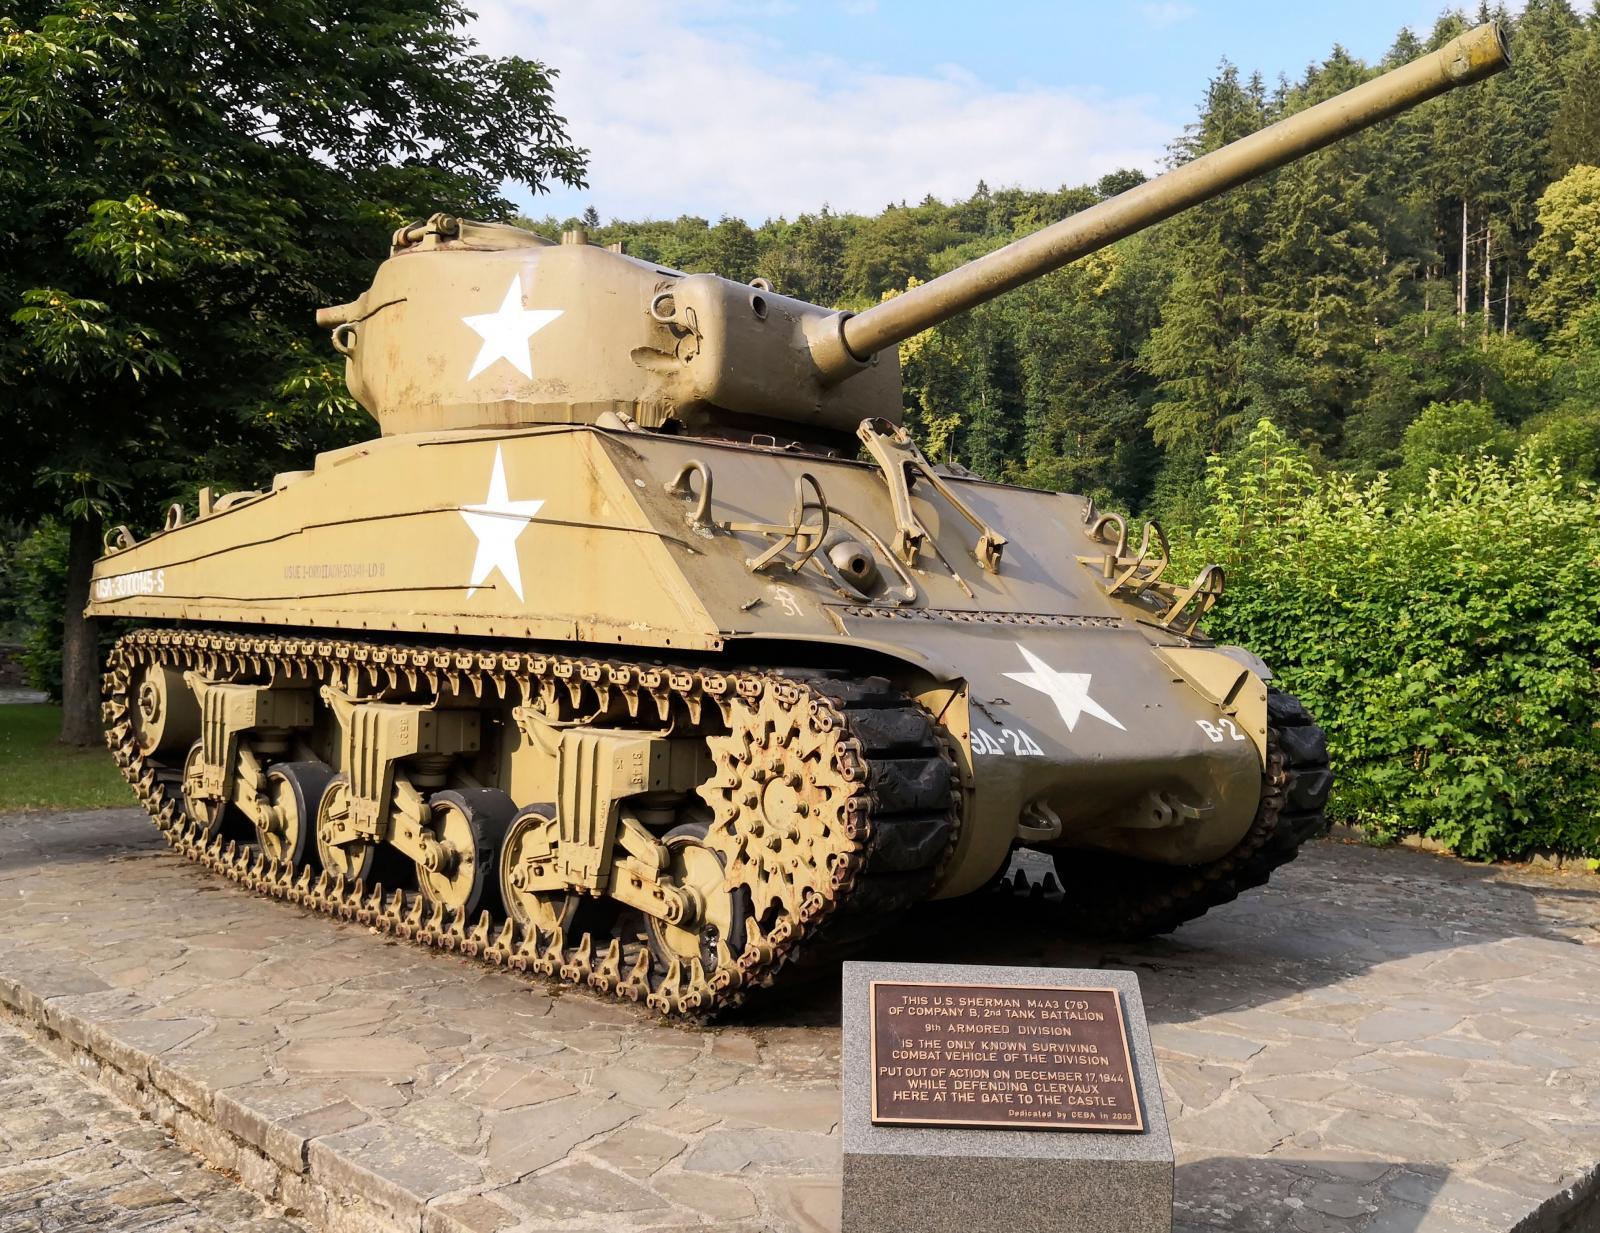 Denna stridsvagn togs ur bruk 17 december 1944 när hon försvarade Clervaux vid slottets port.